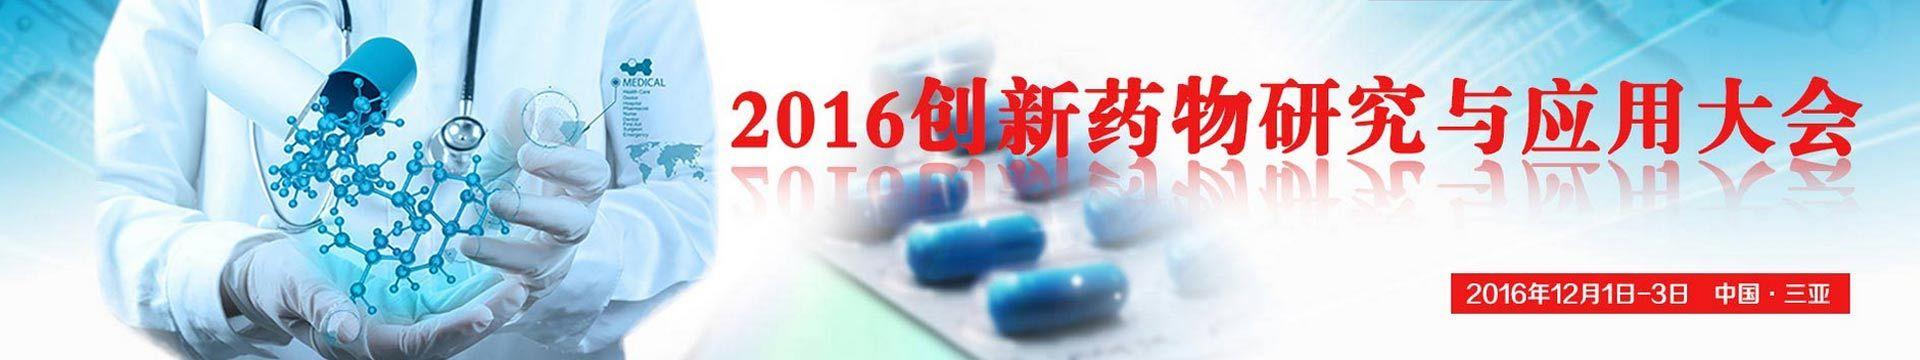 2016创新药物研究与应用大会